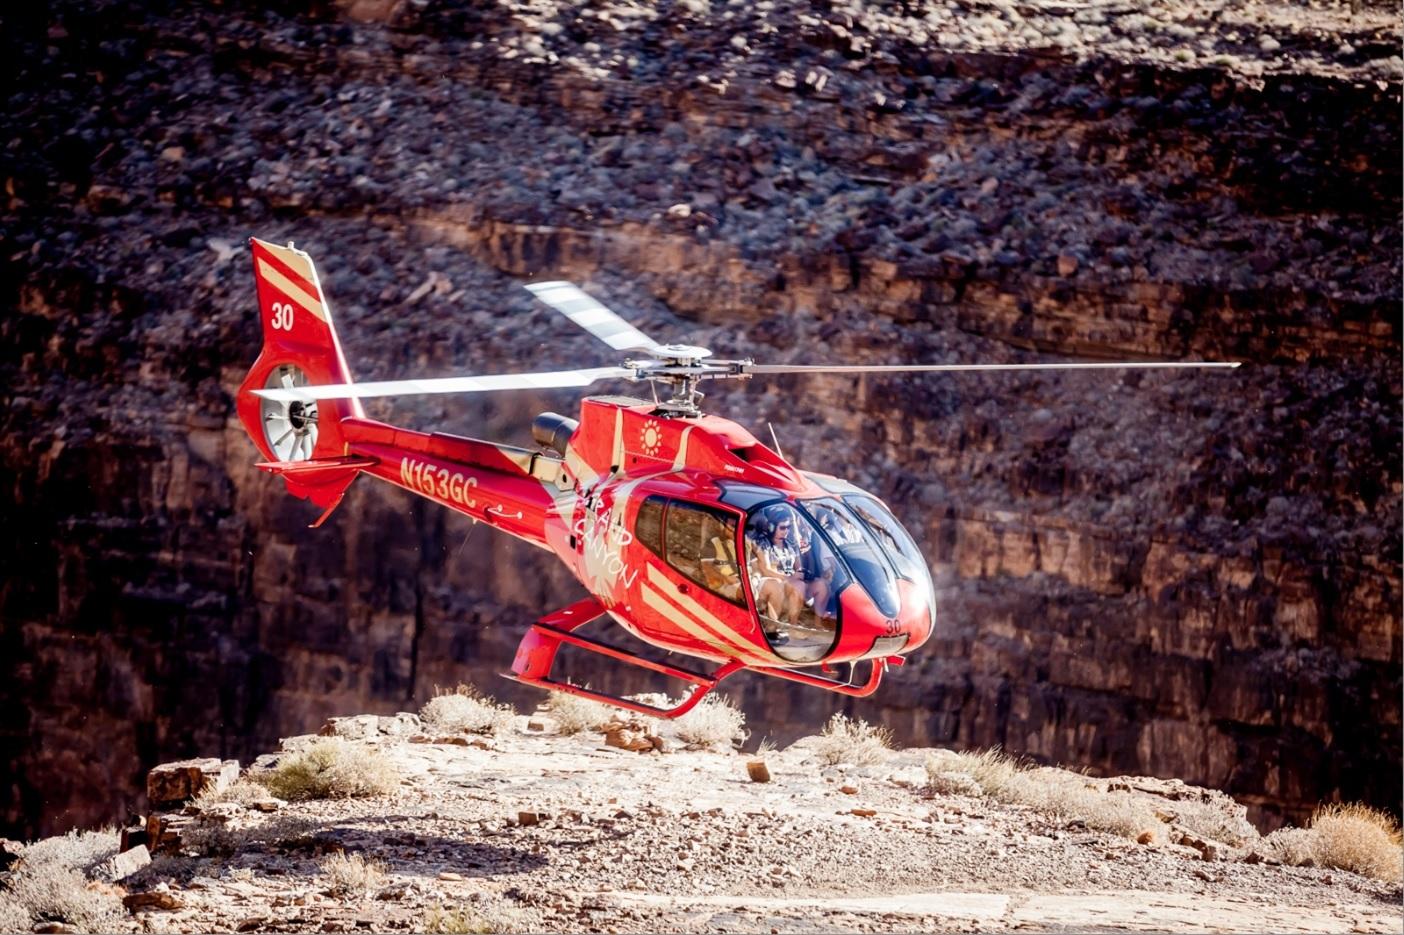 ヘリコプター遊覧飛行+ハマーに乗って地上観光